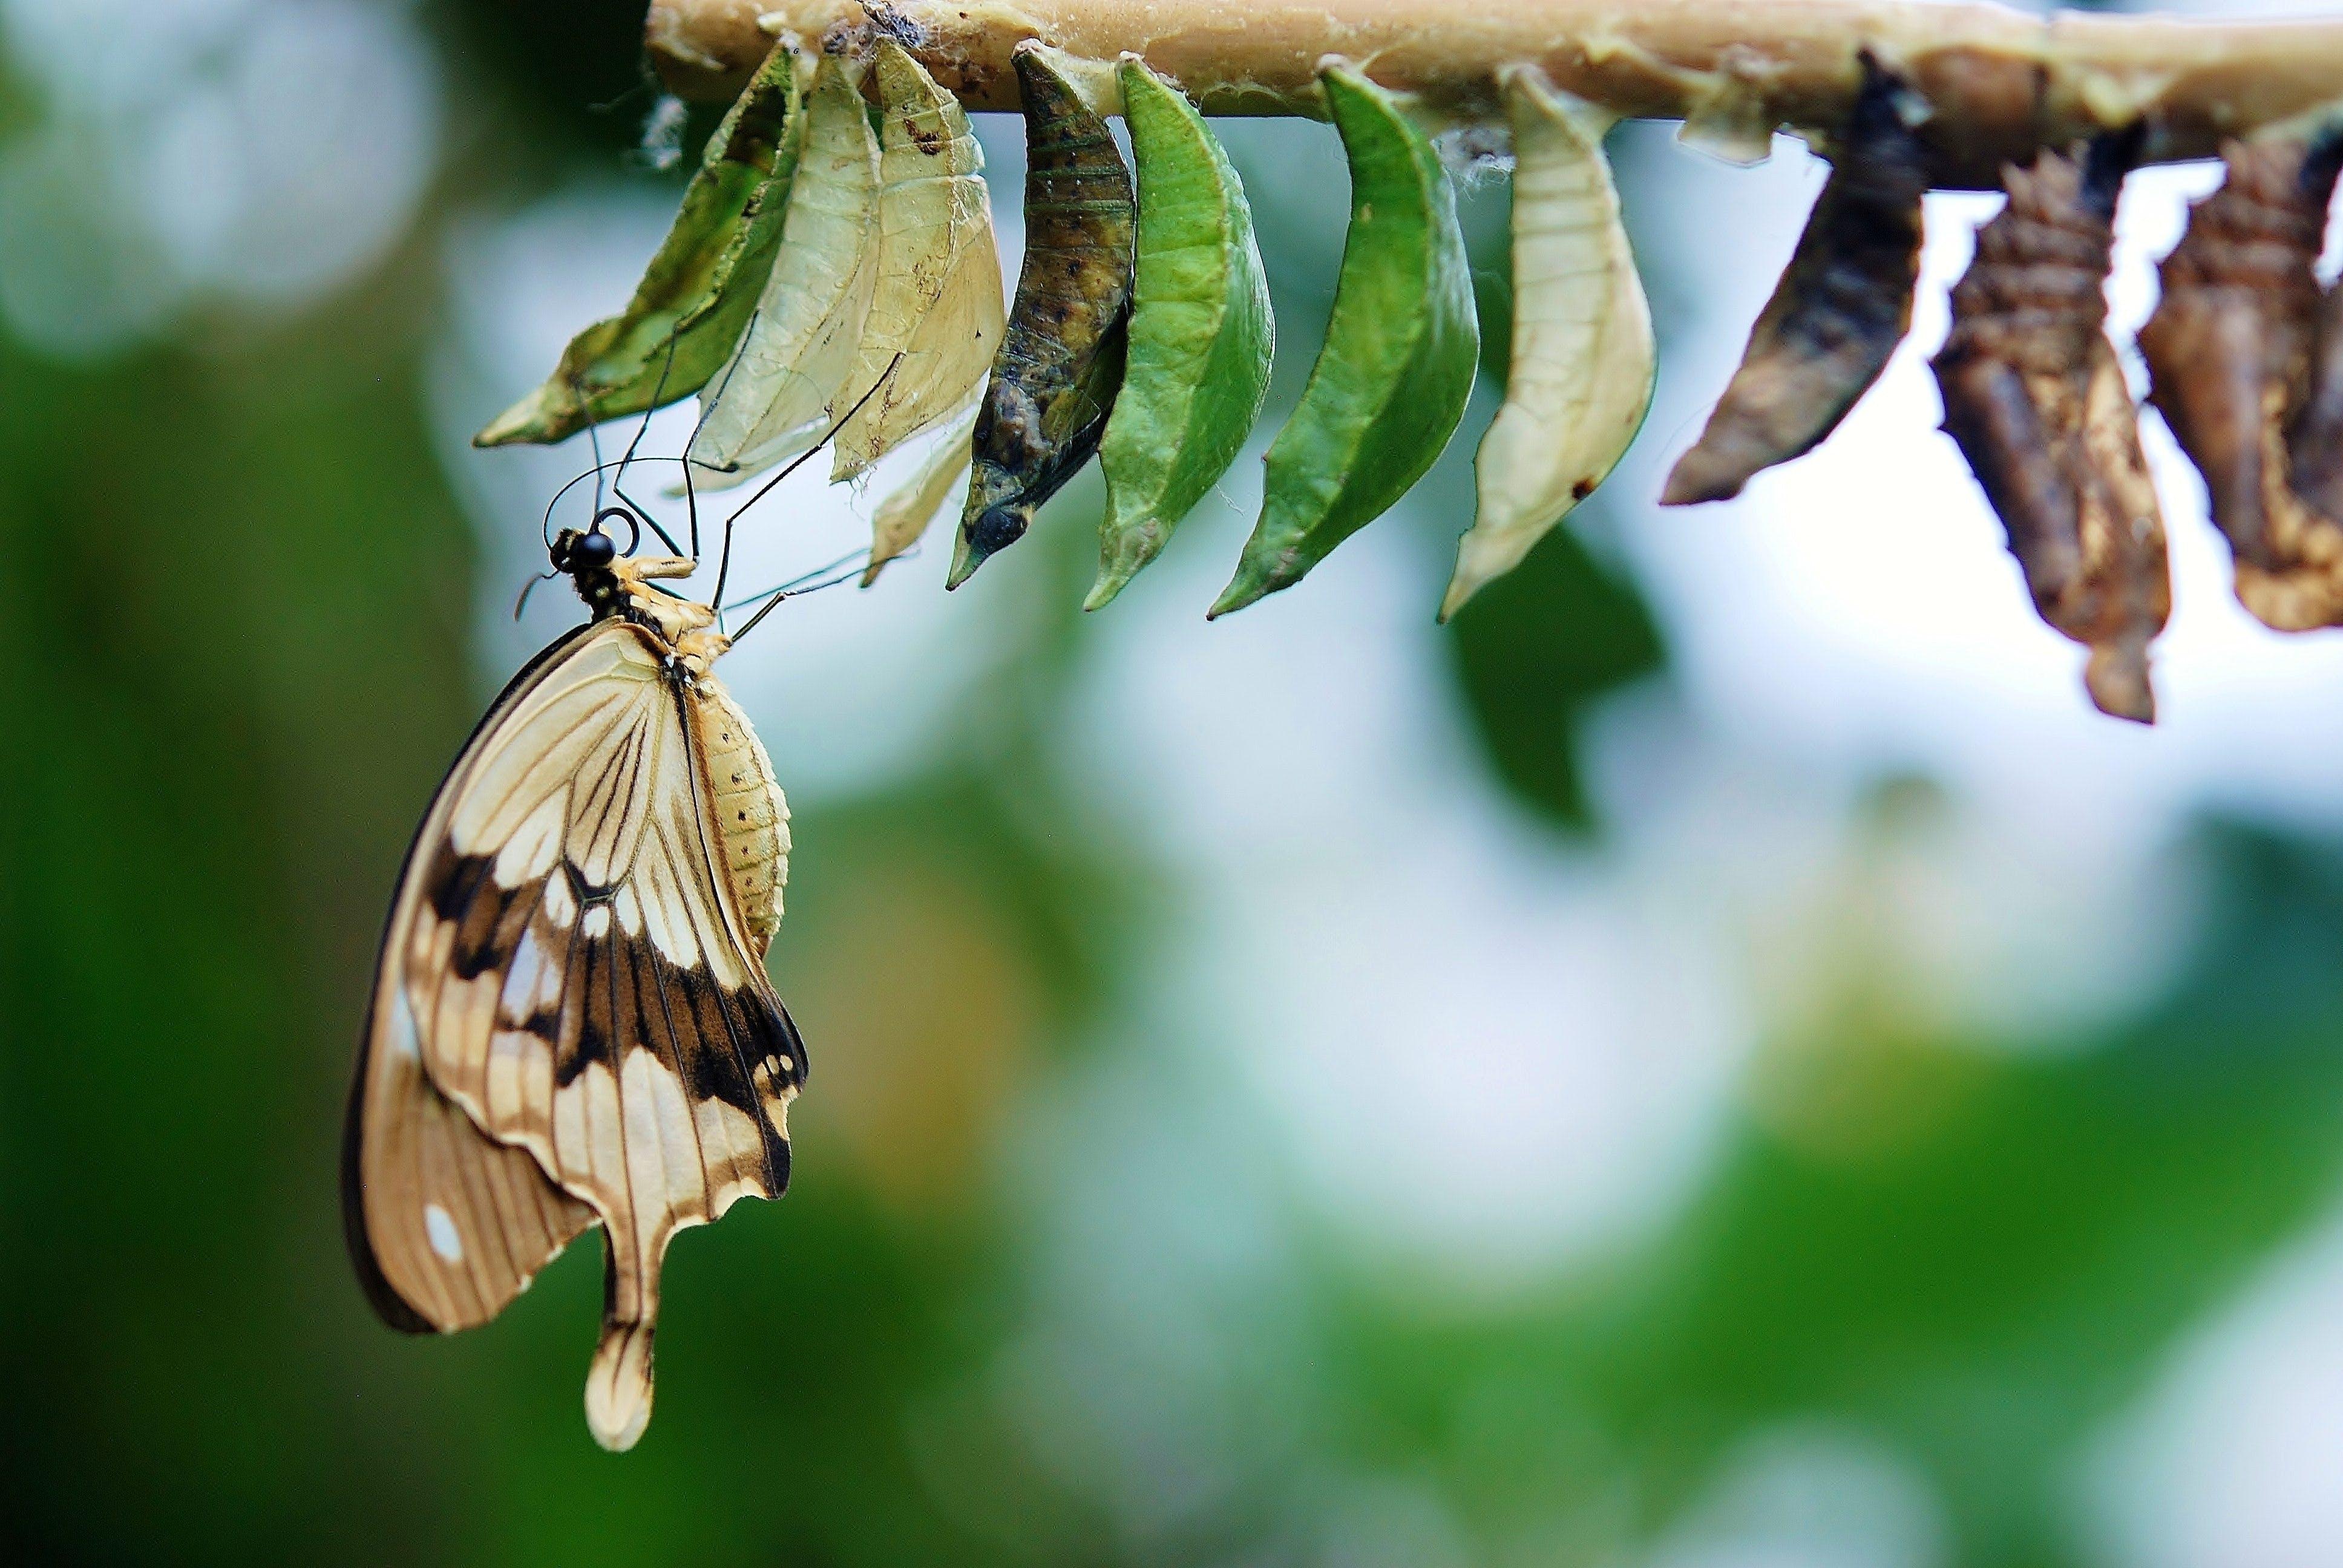 Kostenloses Stock Foto zu insekt, kokons, makro, schmetterling